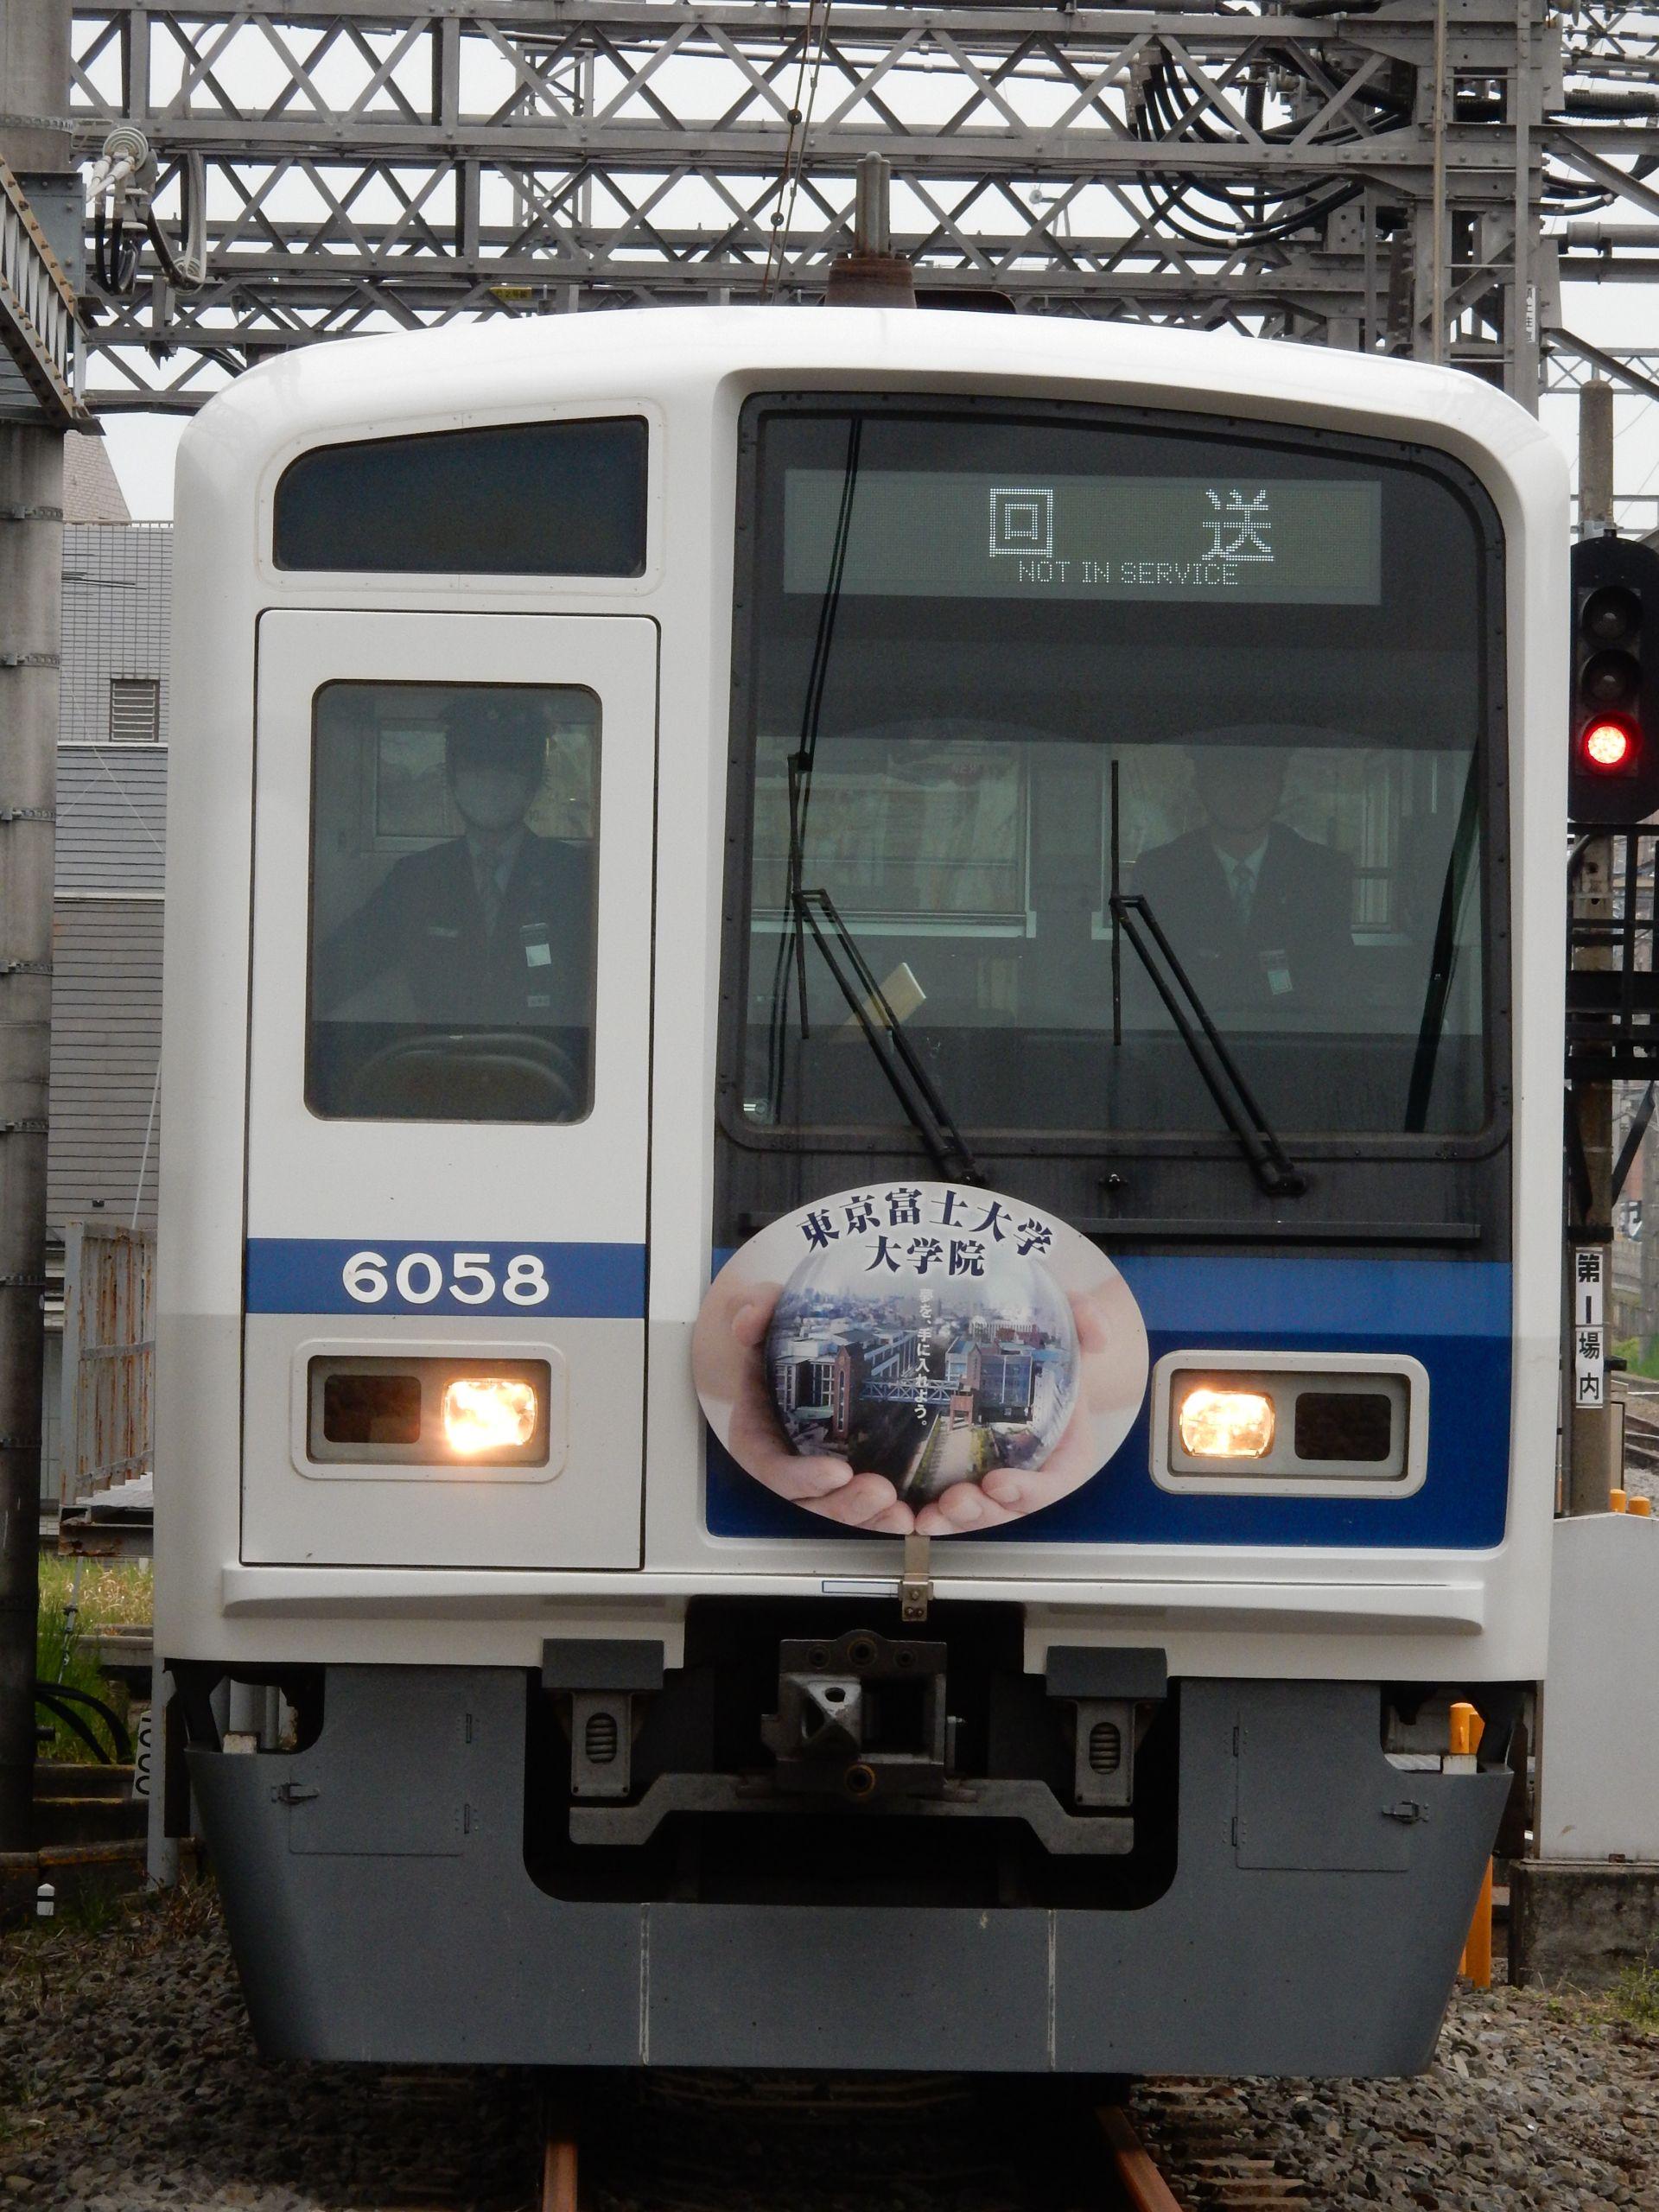 DSCN6580 - コピー